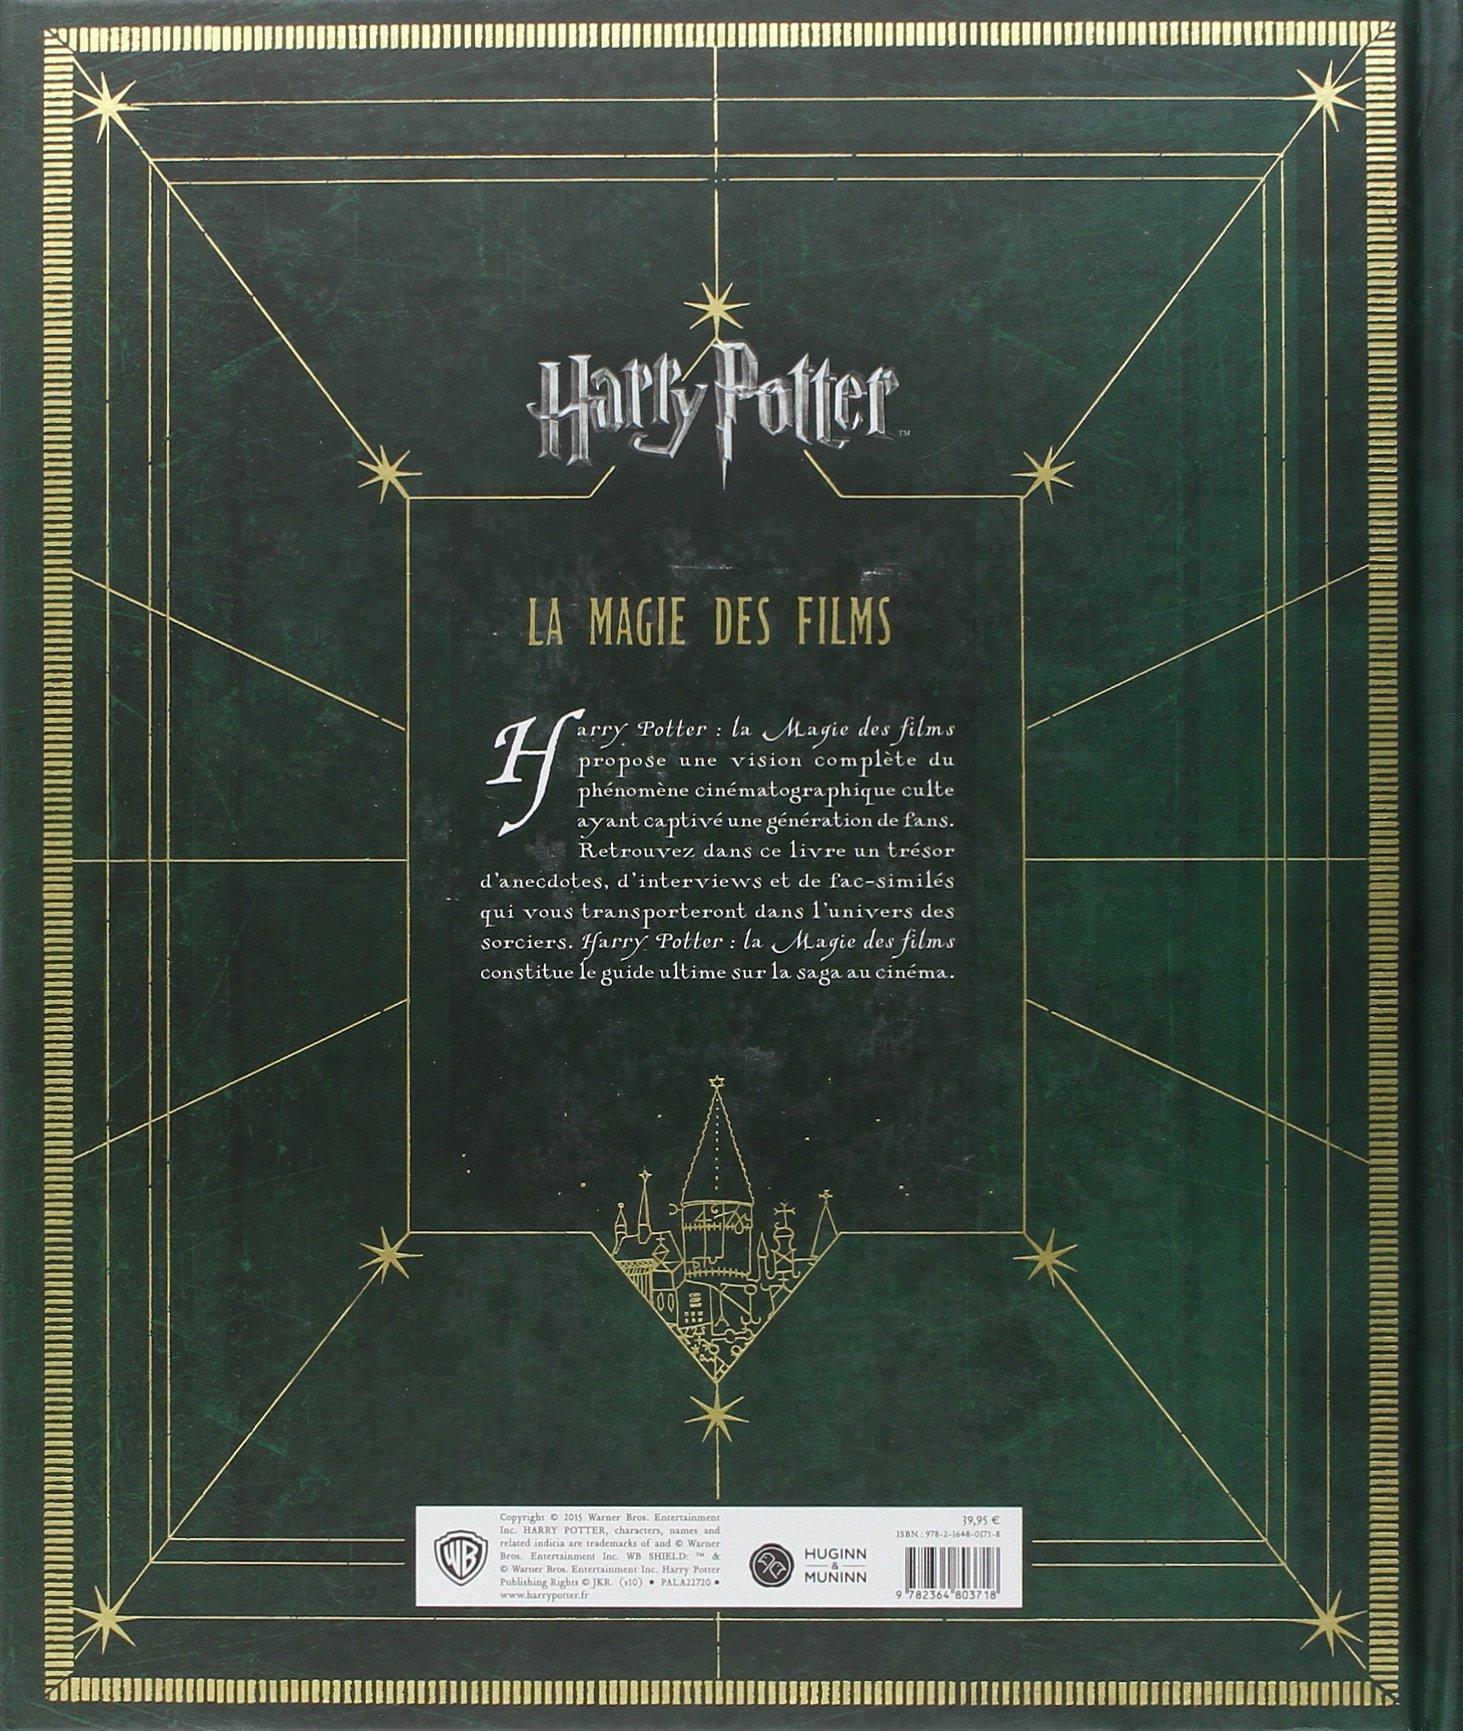 Harry Potter La Magie Des Films Brian Sibley David